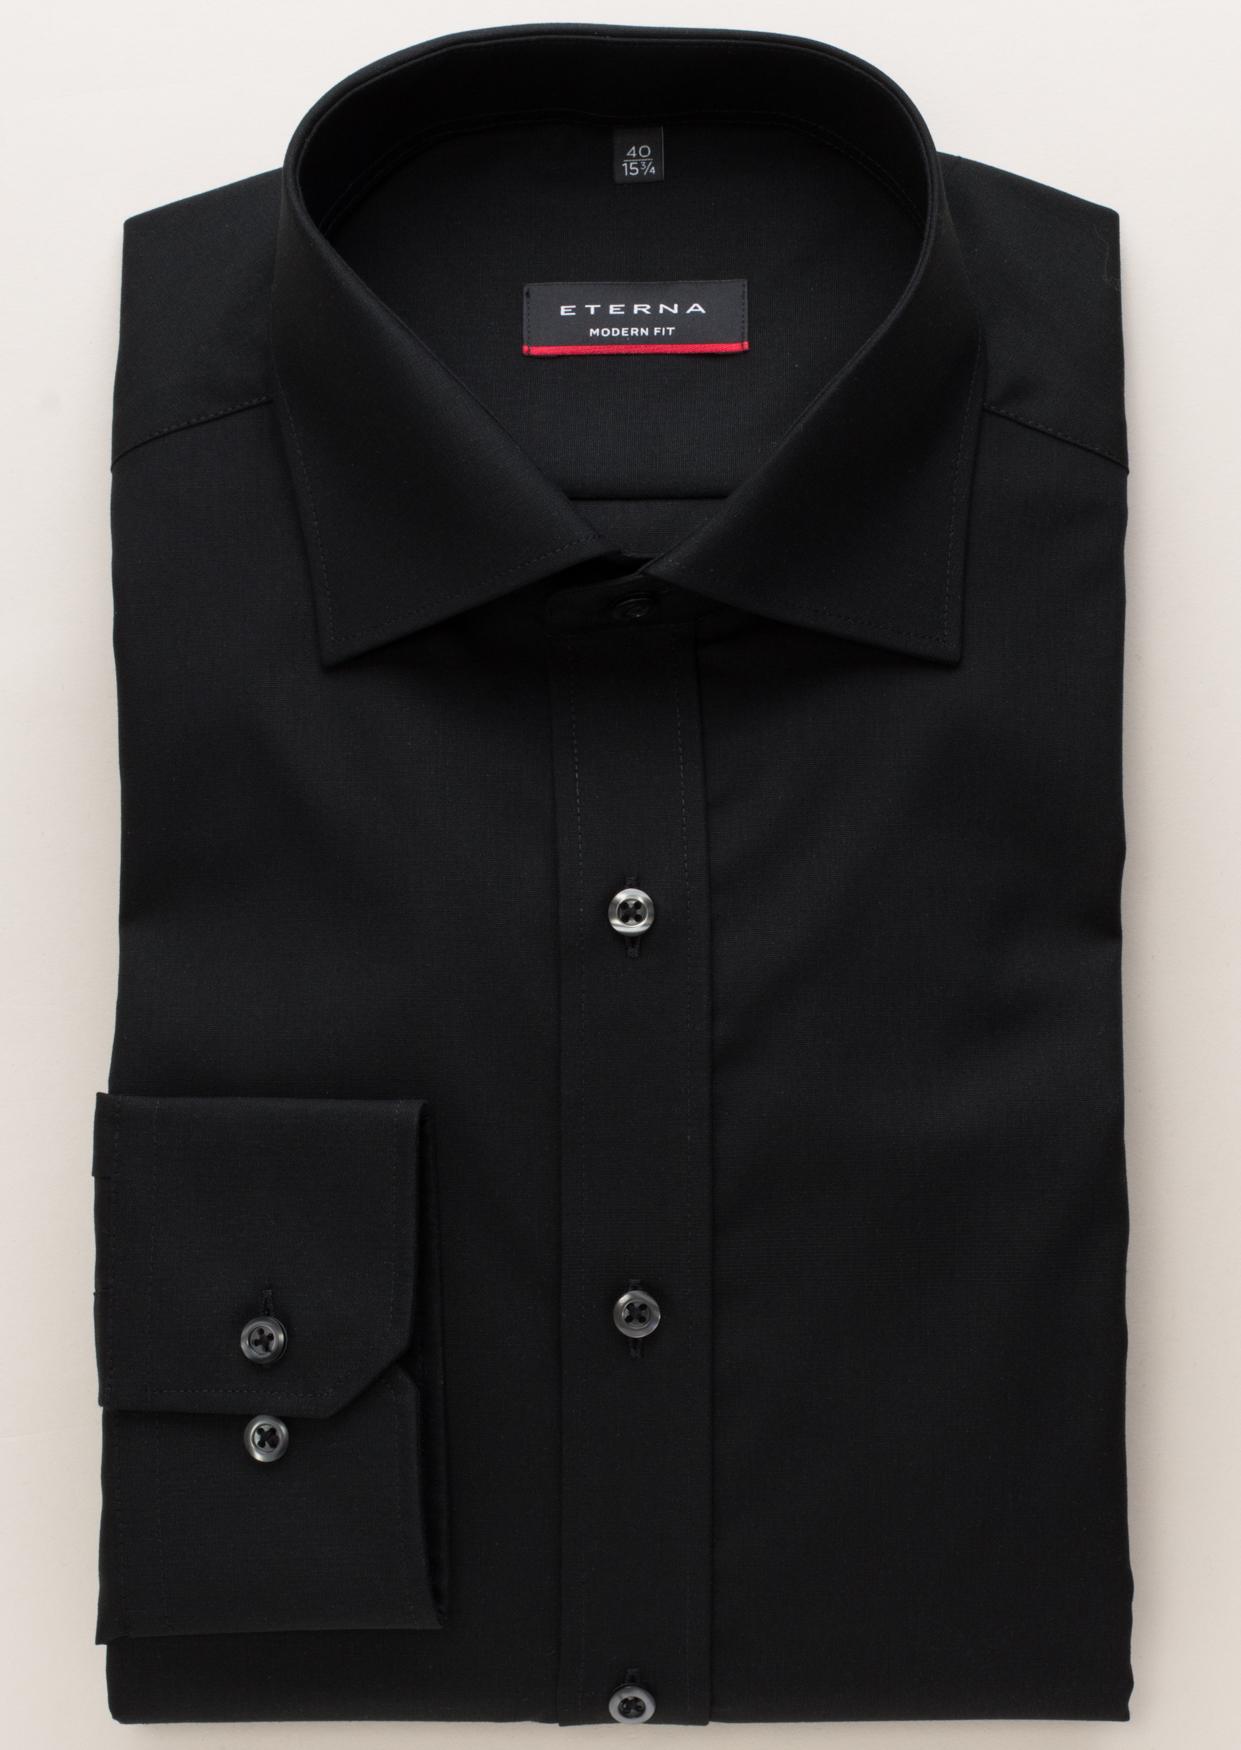 ETERNA 1100 Hemd Baumwolle schwarz Langarm